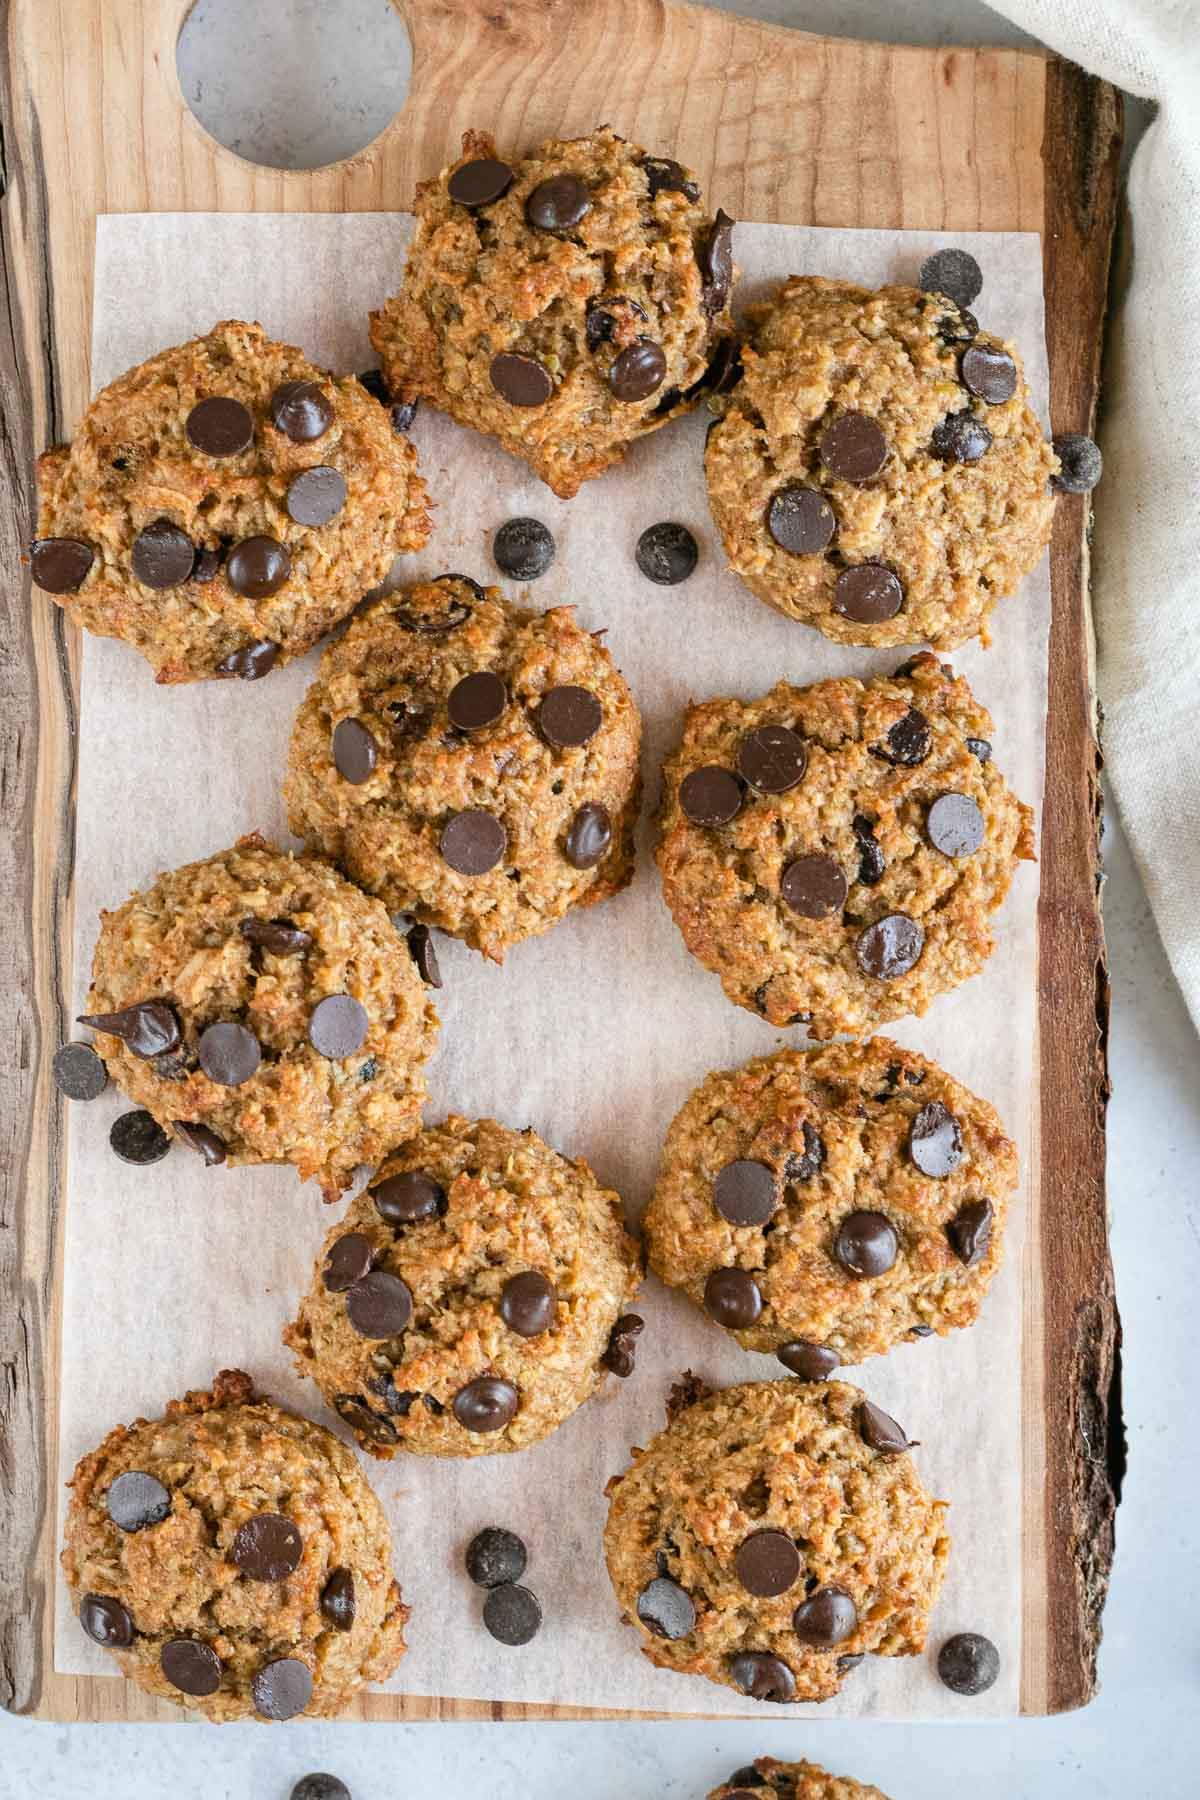 Quinoa-Cookies on wooden board